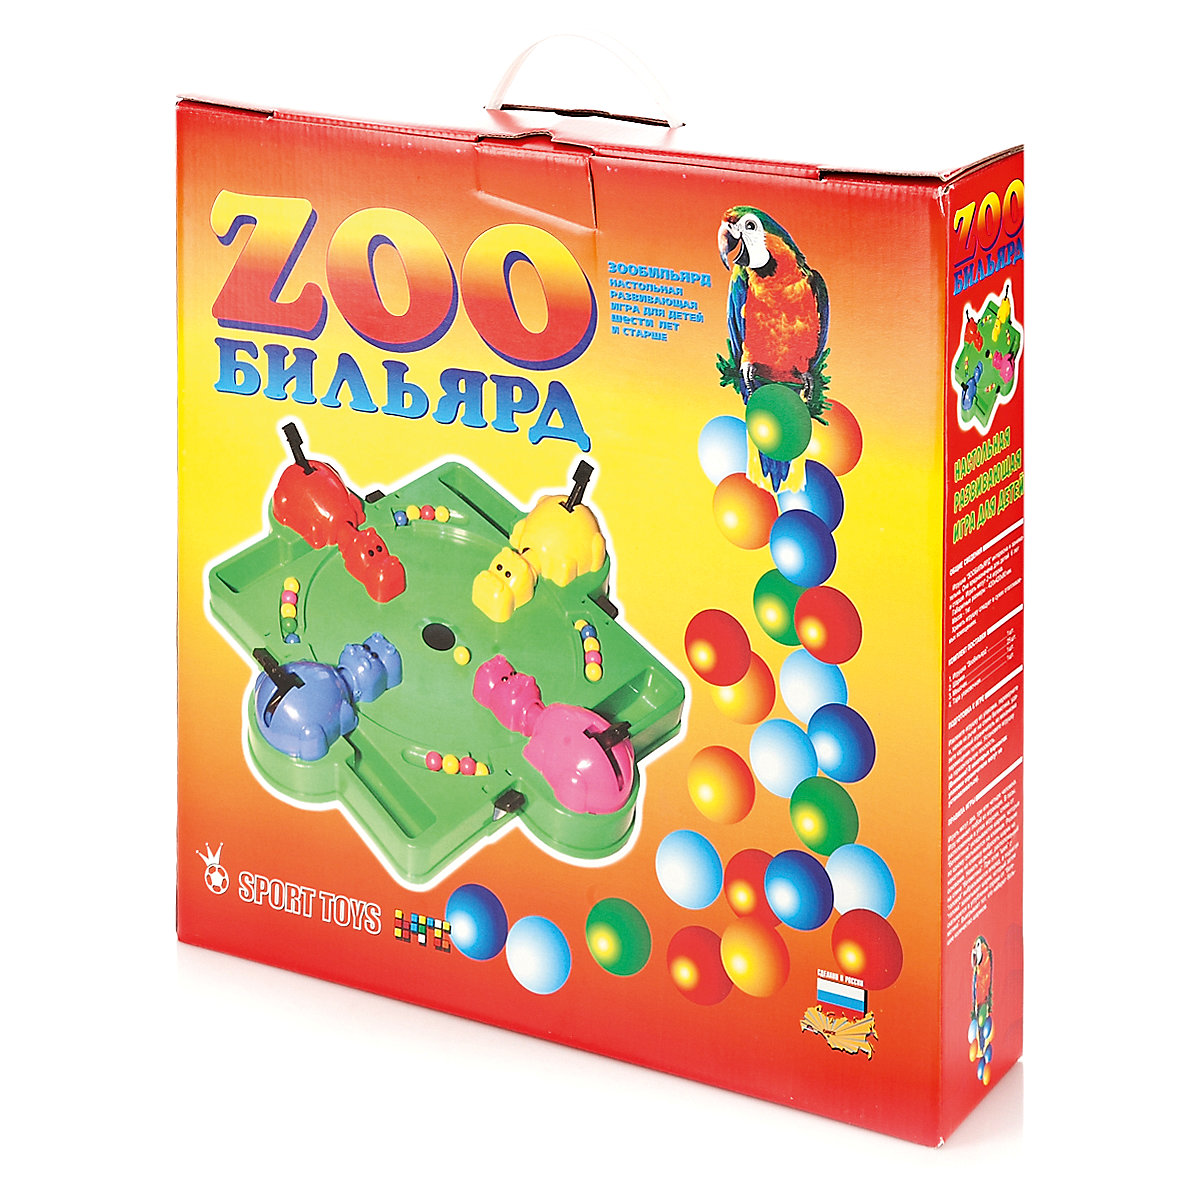 цена на Game Room omskiy zavod elektrotovarov 7766921 toys board game children's educational games roomfor boys girls